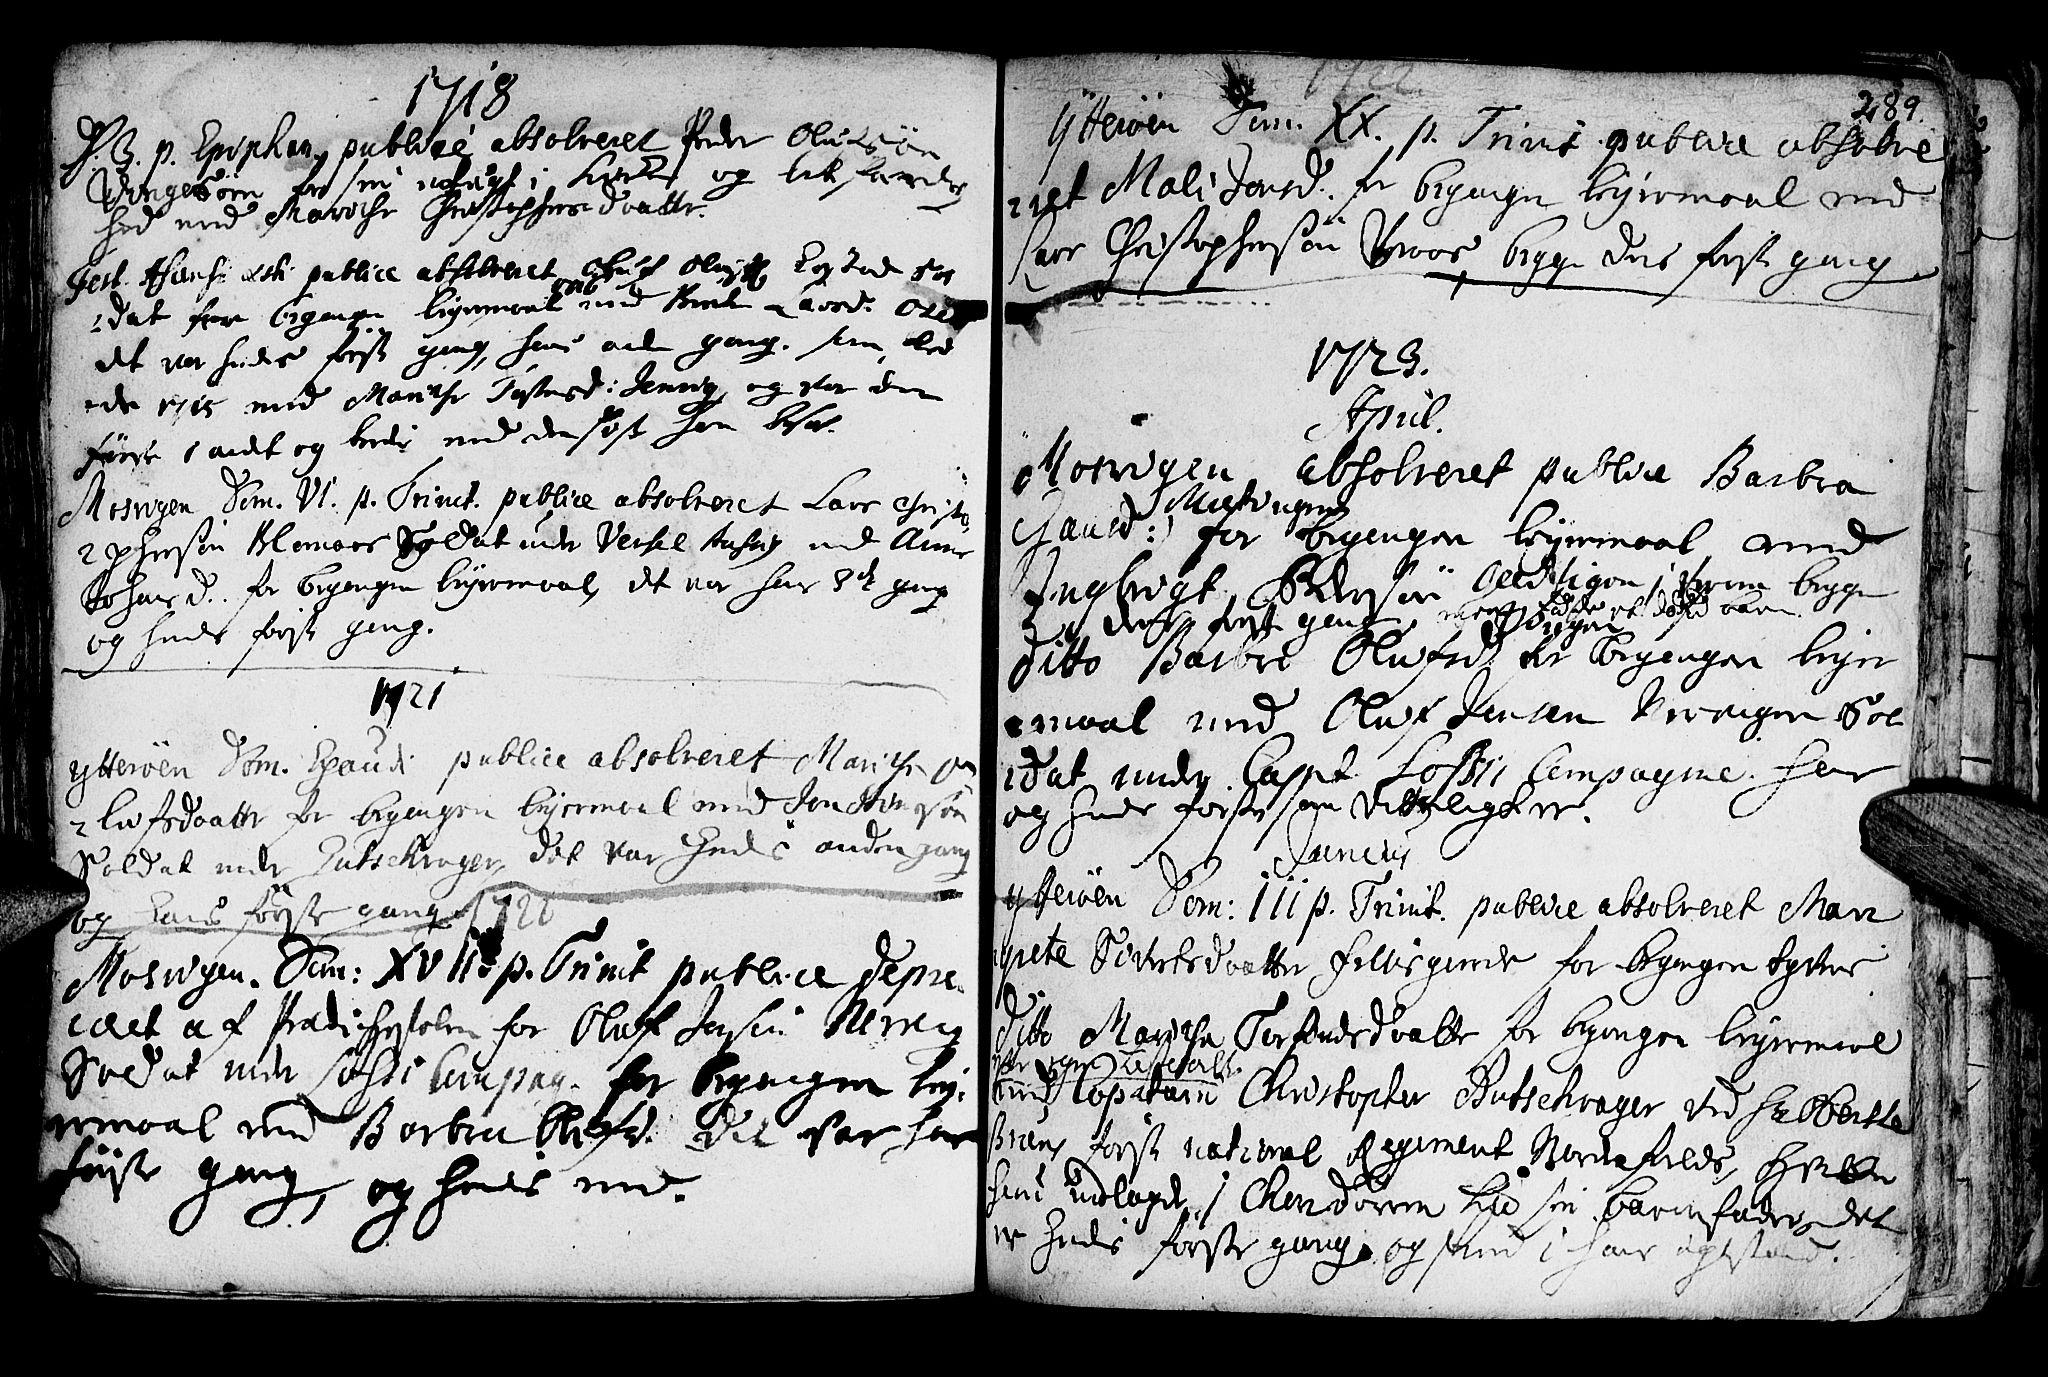 SAT, Ministerialprotokoller, klokkerbøker og fødselsregistre - Nord-Trøndelag, 722/L0215: Ministerialbok nr. 722A02, 1718-1755, s. 289